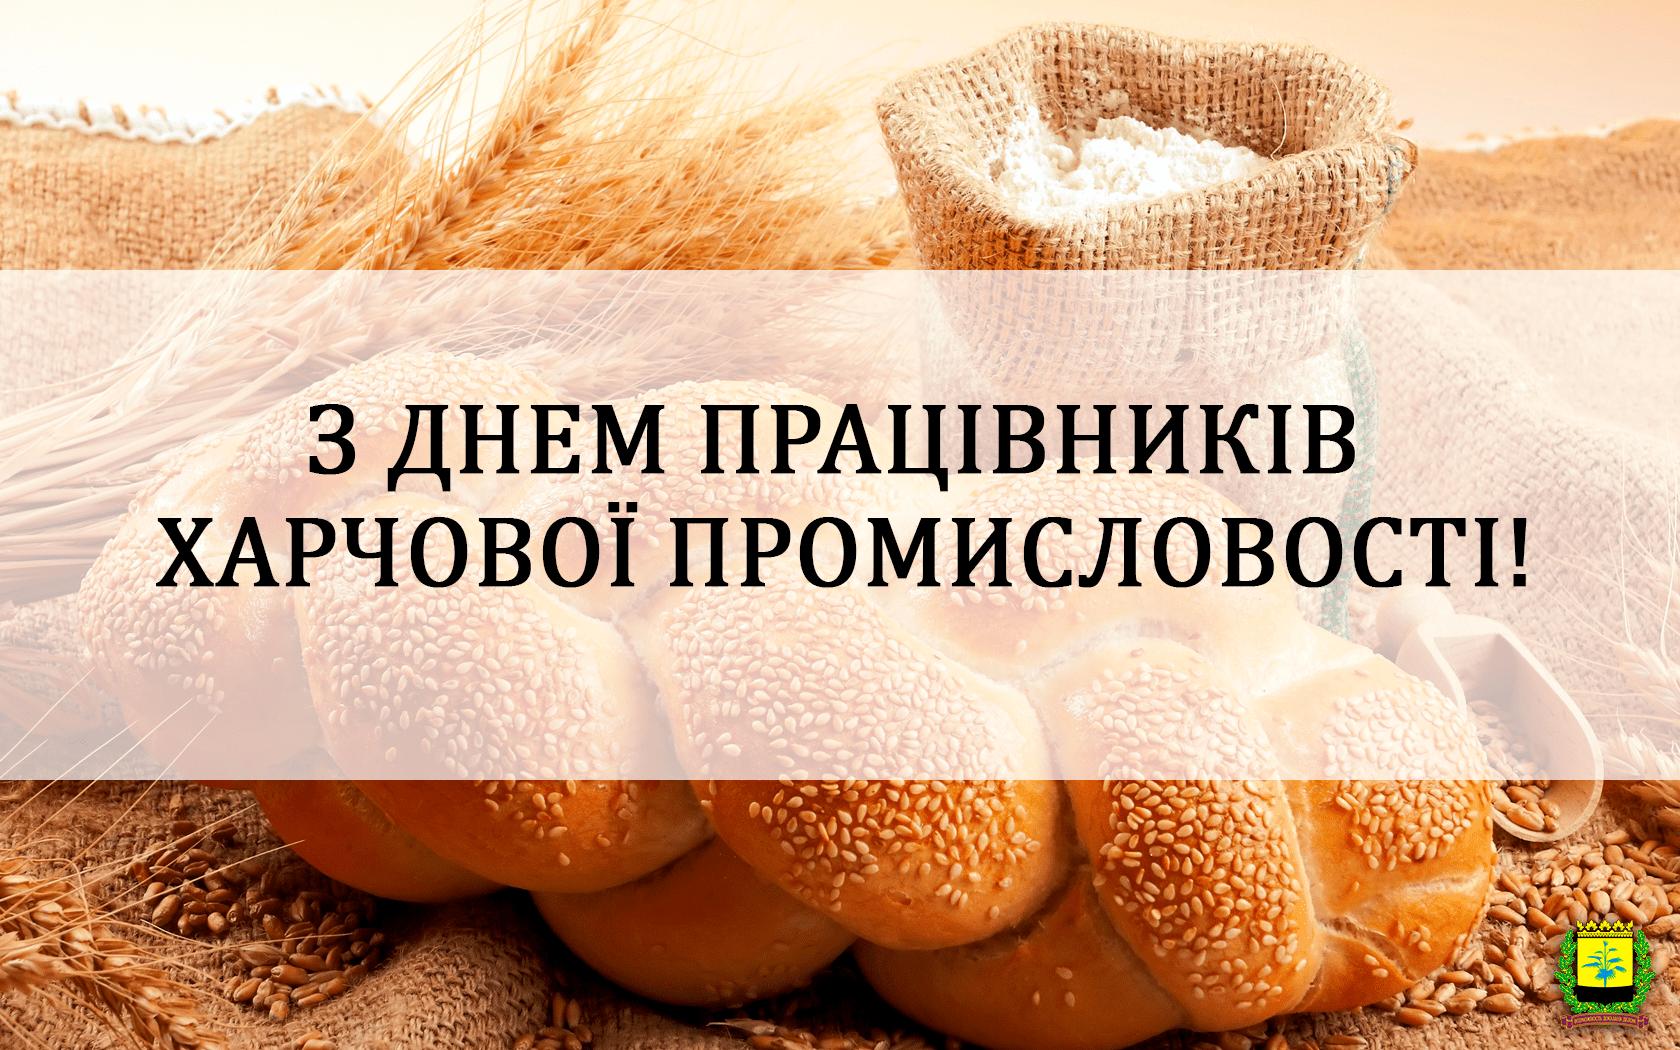 З Днем працівників харчової промисловості!